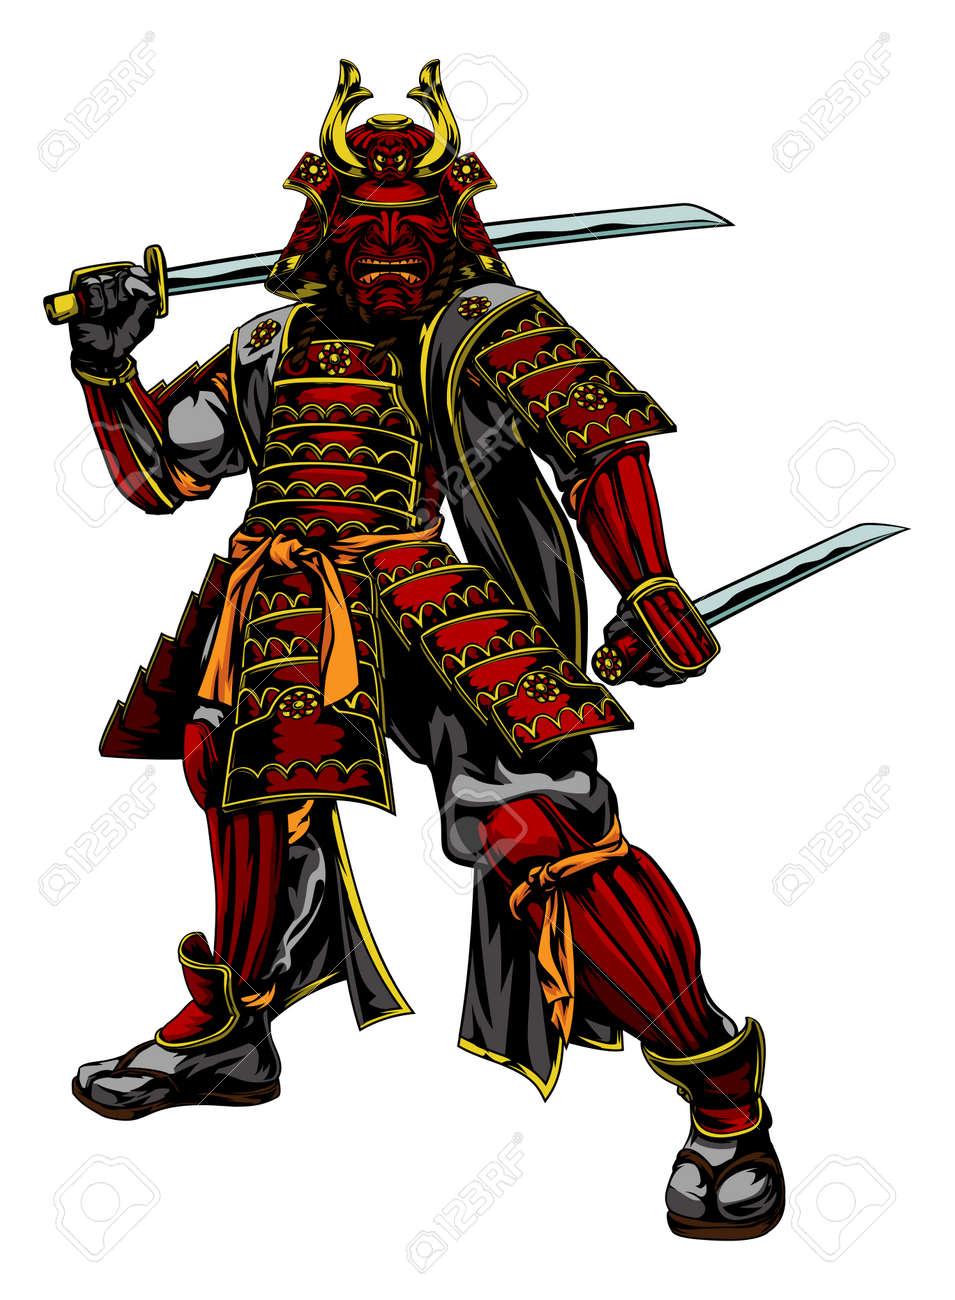 Une Illustration D Un Statut Samourai Guerrier Japonais Et La Tenue